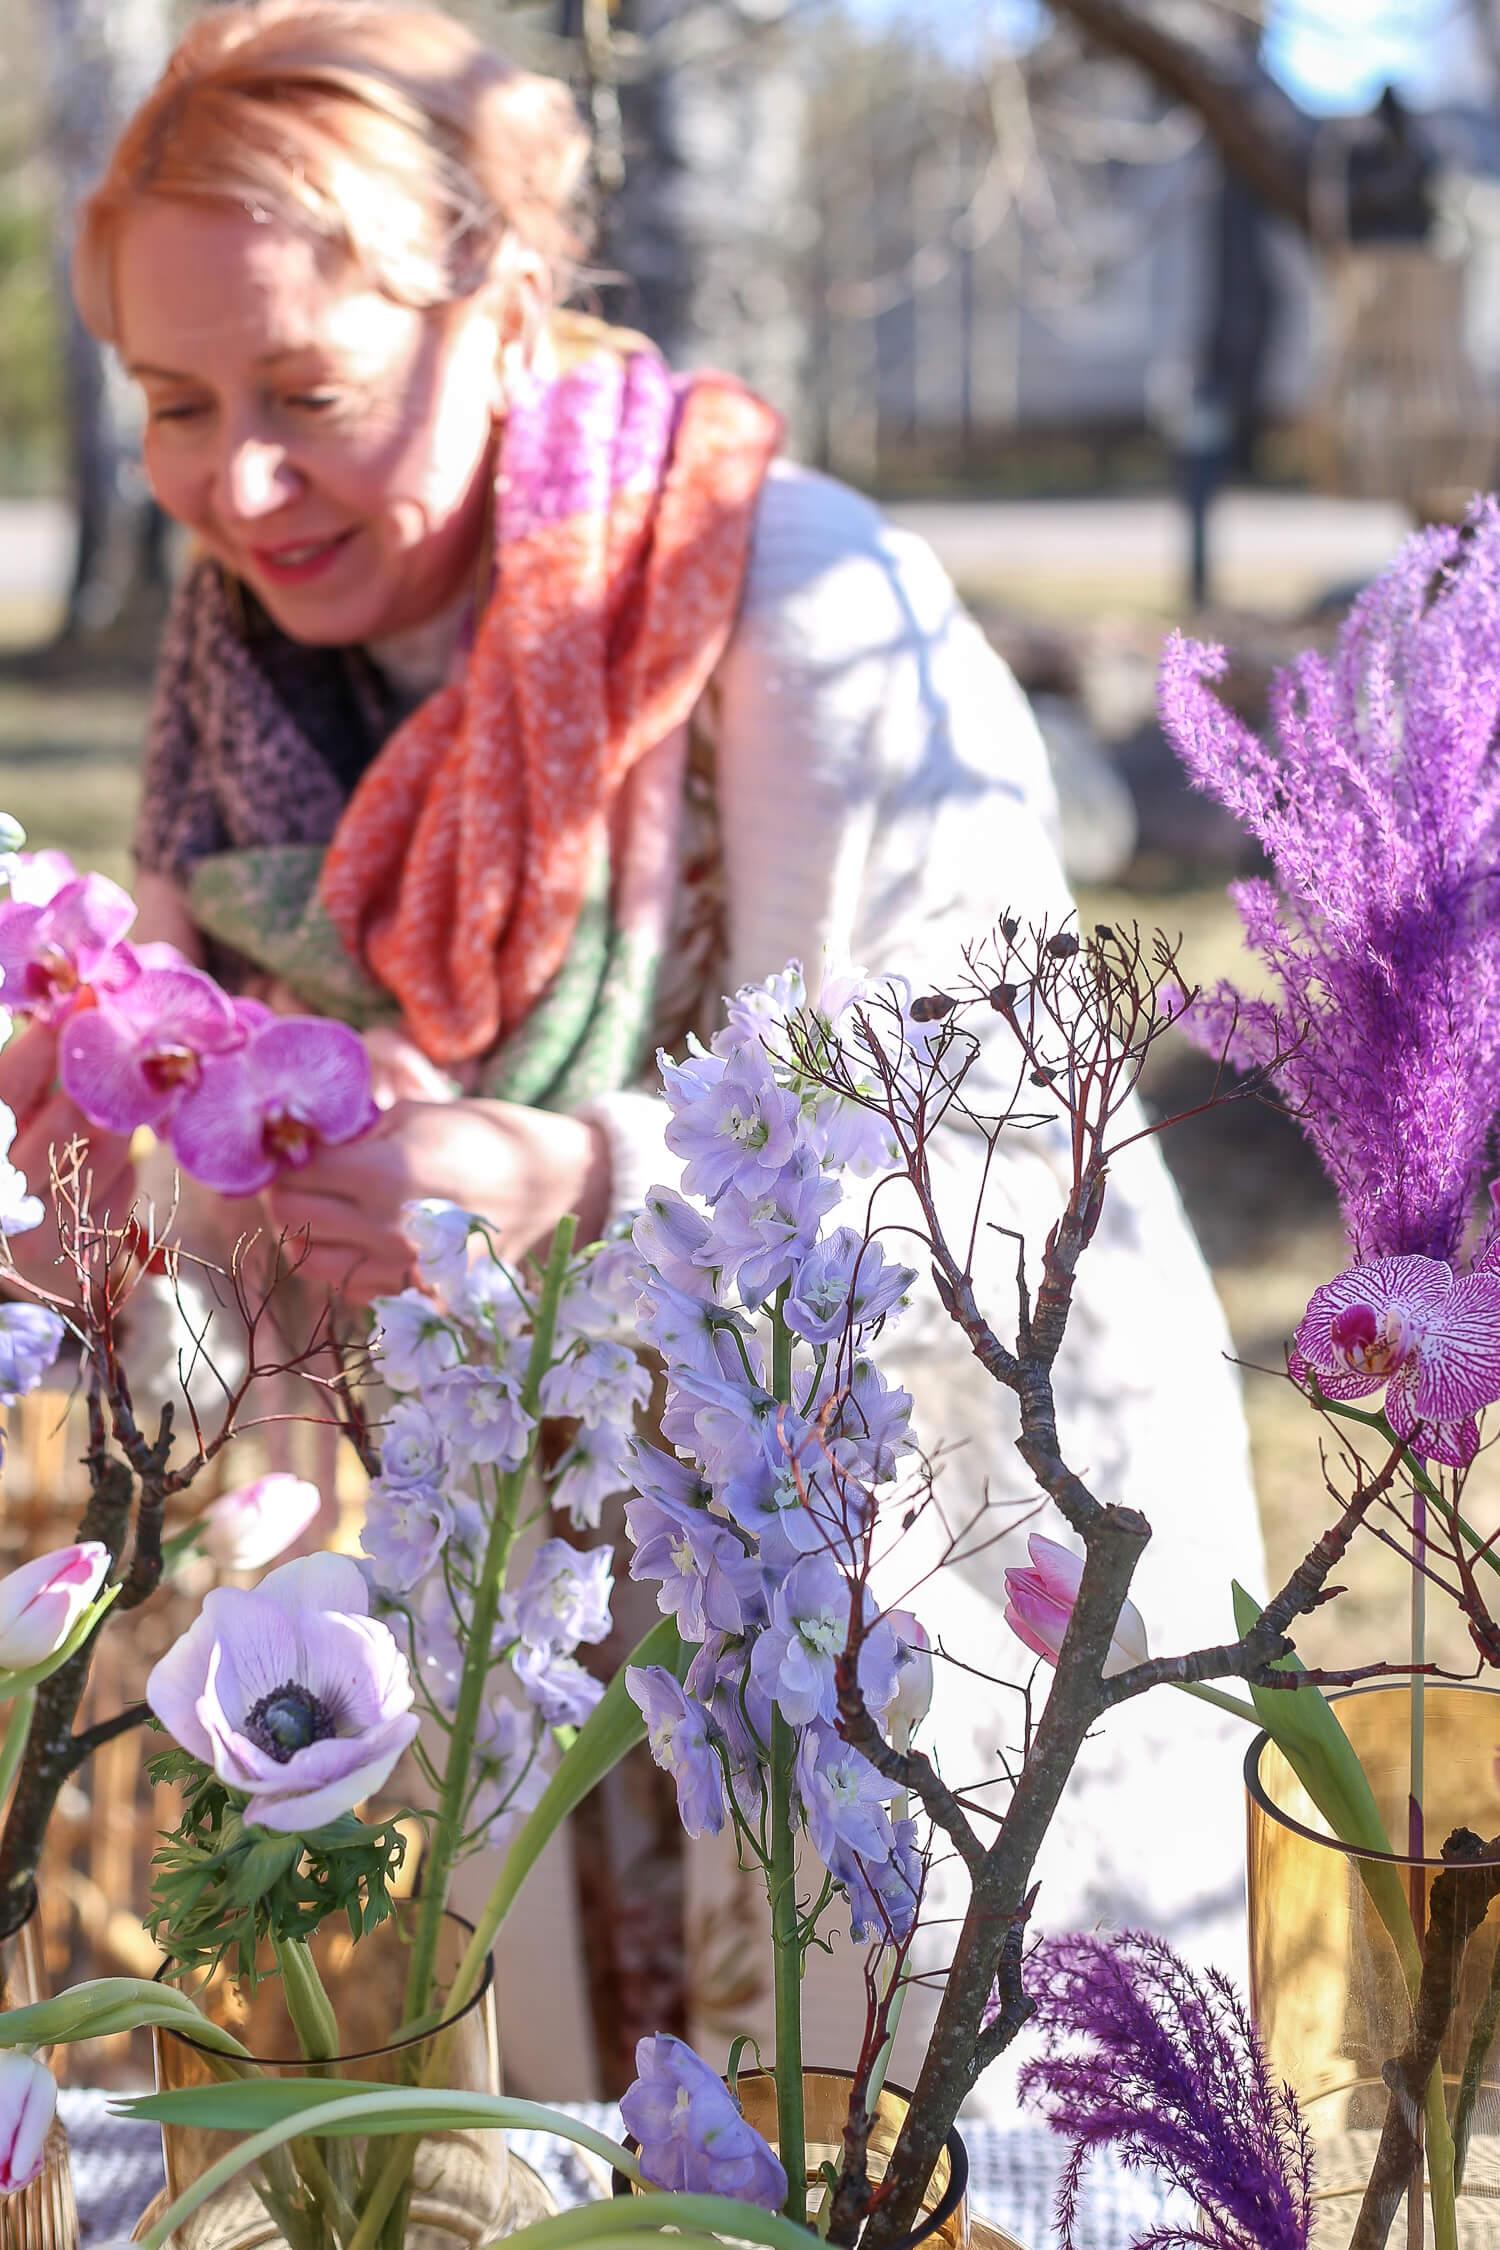 Puutarhapöydälle on tehty kukka-asetelma johon on koottu erilaisia ruskean sävyisiä maljakoita ja niissä on liloja kukkia.